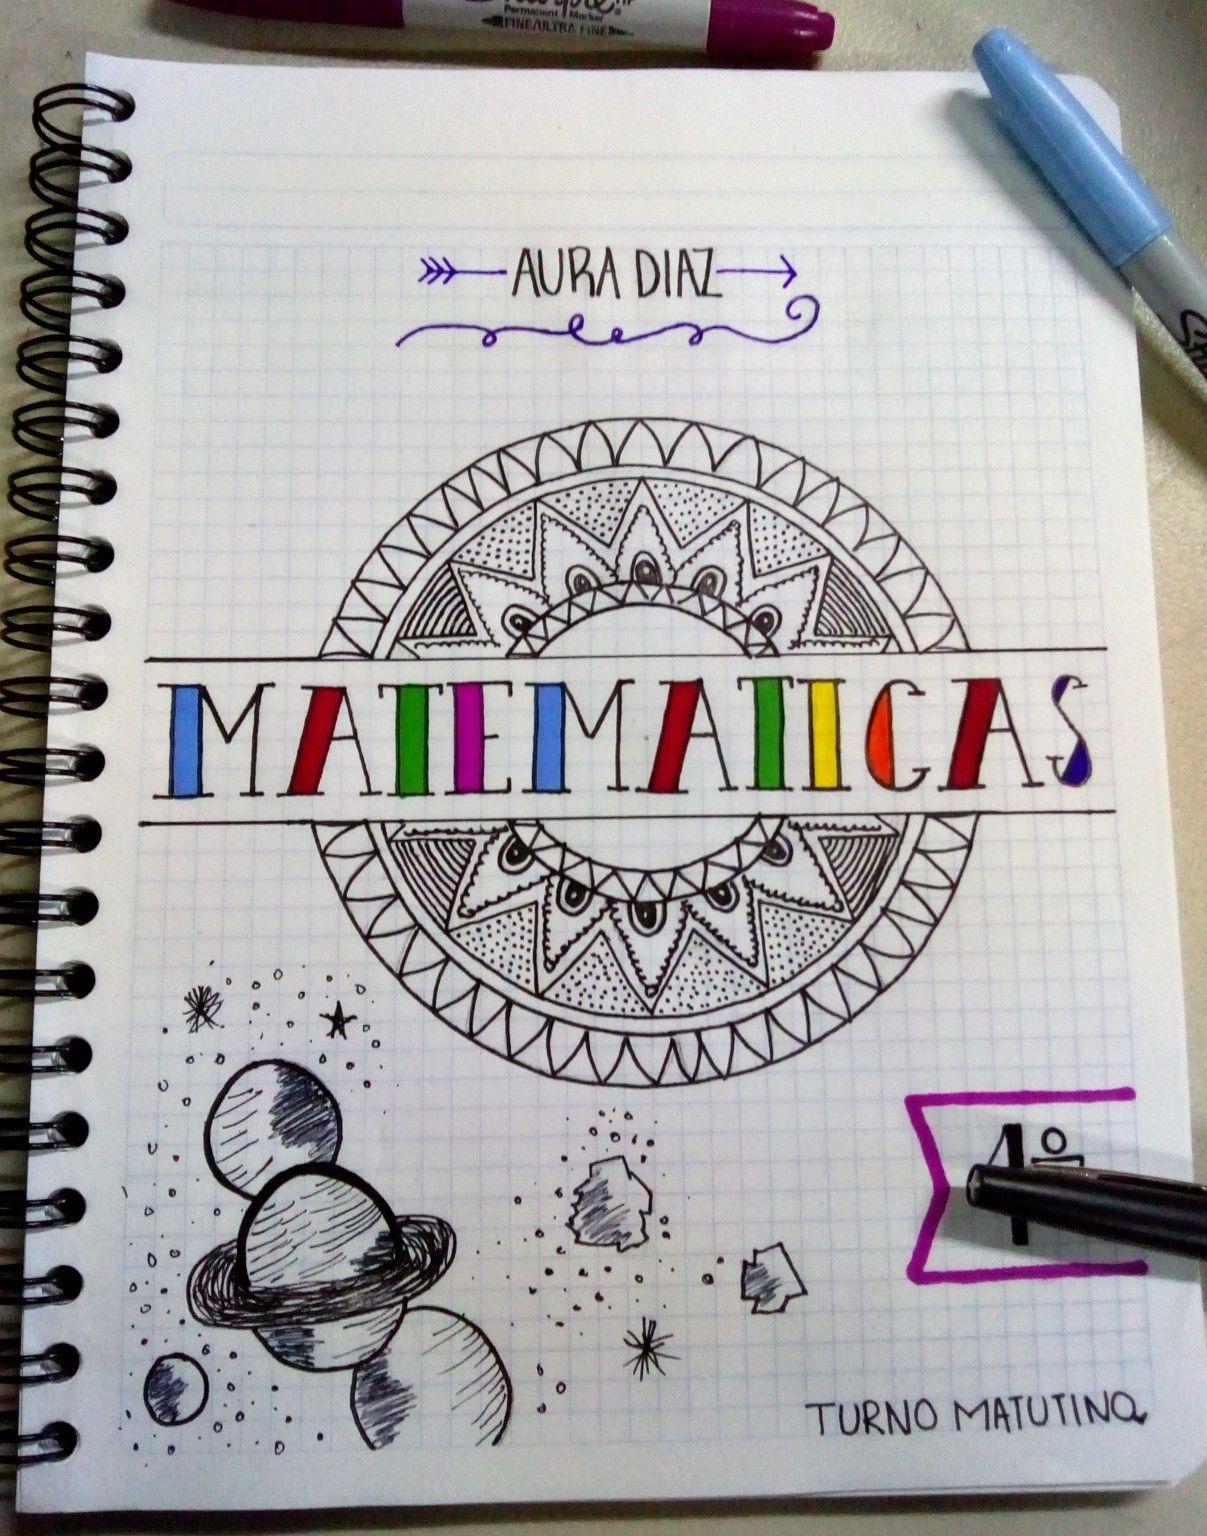 En Momentos De Aburrimiento Comienzo A Decorar Mis Cuadernos Si Lo Hacen De Portadas De Matematicas Portadas De Cuadernos Caratulas Para Cuadernos Escolares